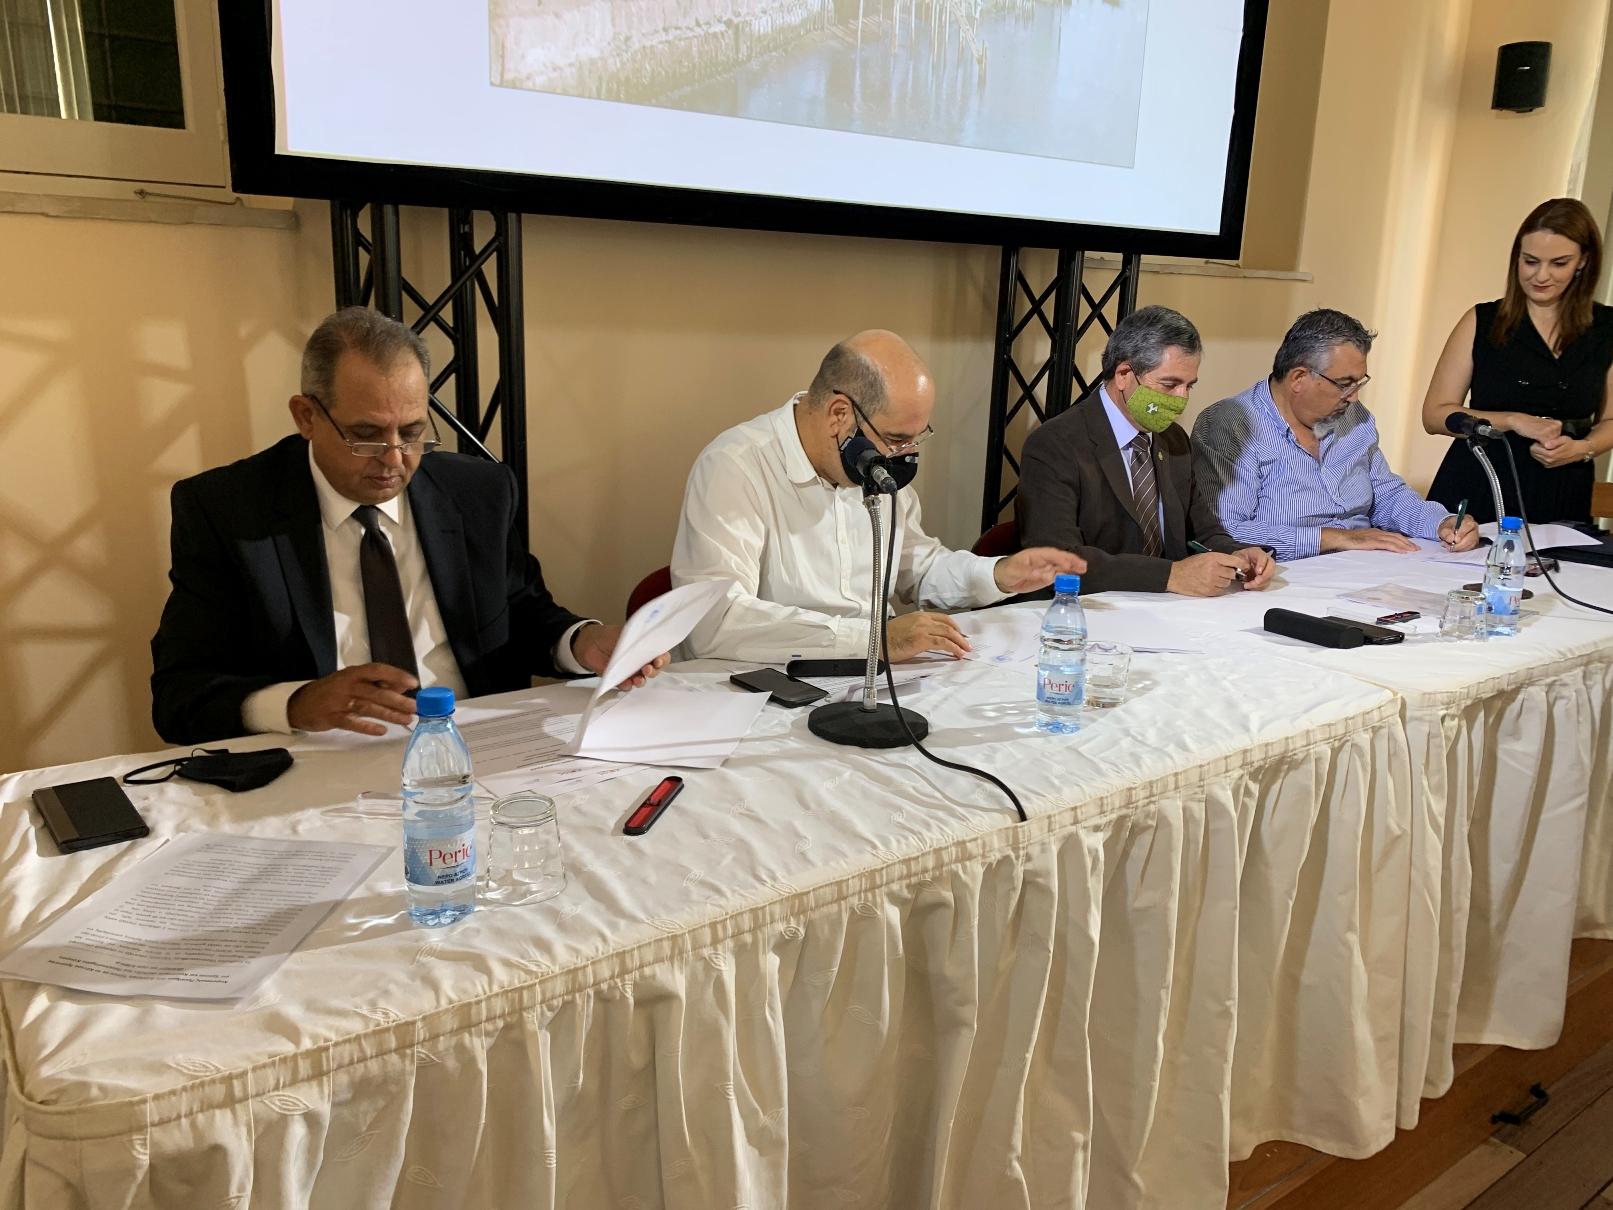 Υπογραφή Μνημονίων Συνεργασίας μεταξύ του Κέντρου Αριστείας «Κοίος» του Πανεπιστημίου Κύπρου, του Δήμου Λάρνακας και των Συμβούλιων Υδατοπρομήθειας και Αποχετεύσεων Λάρνακας